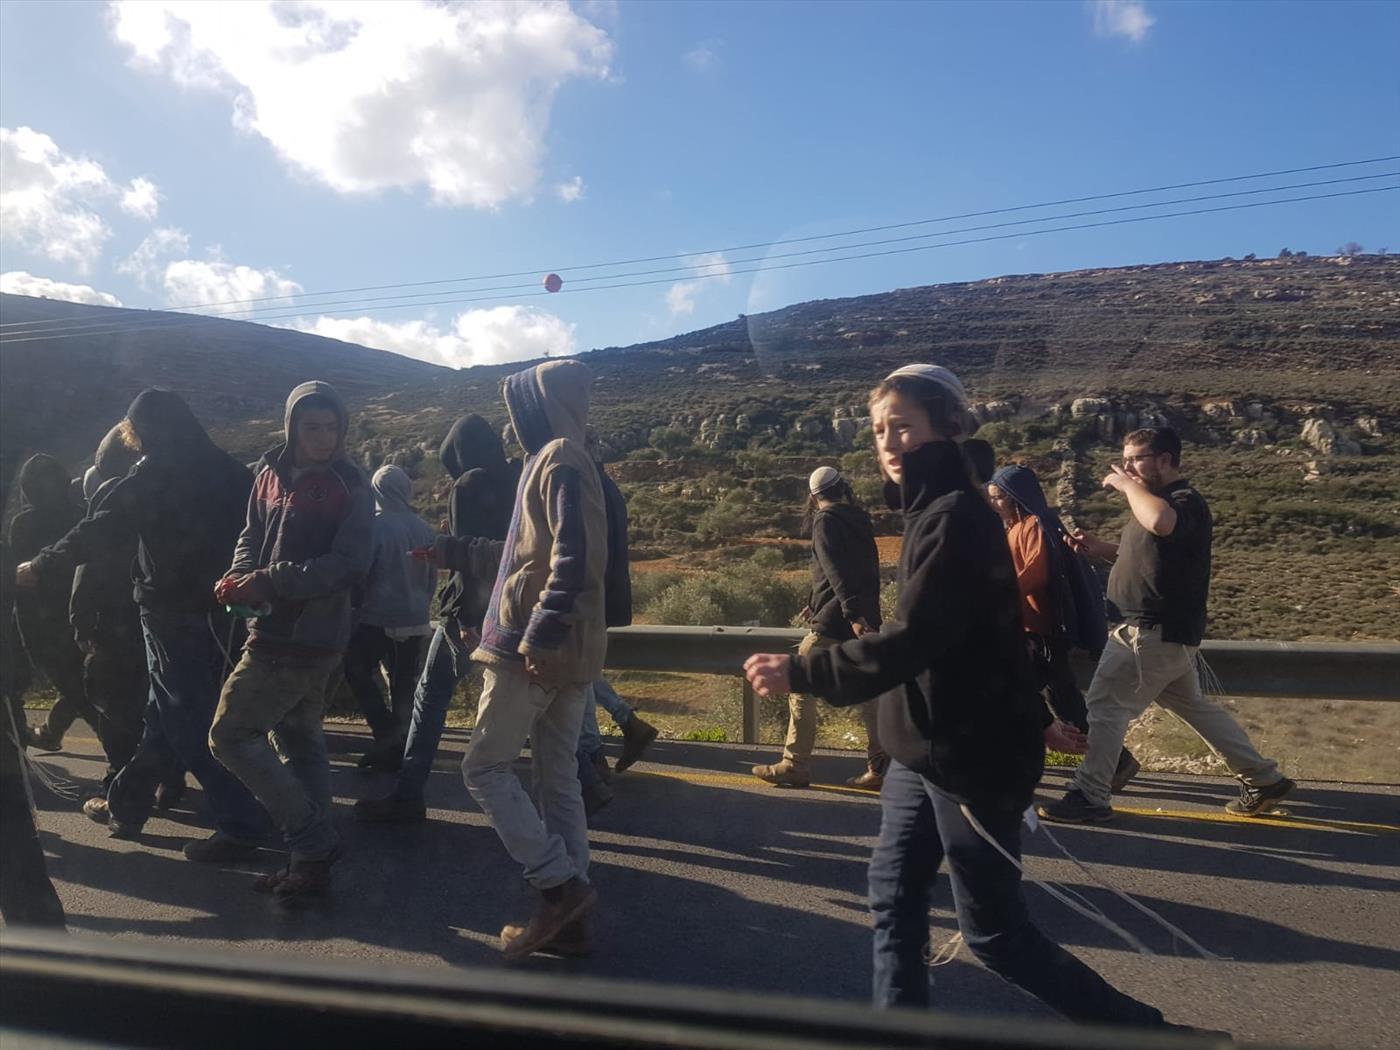 הפגנה סמוך לסינג'יל בעקבות הפיגוע בגבעת אסף (מתי עמר TPS)